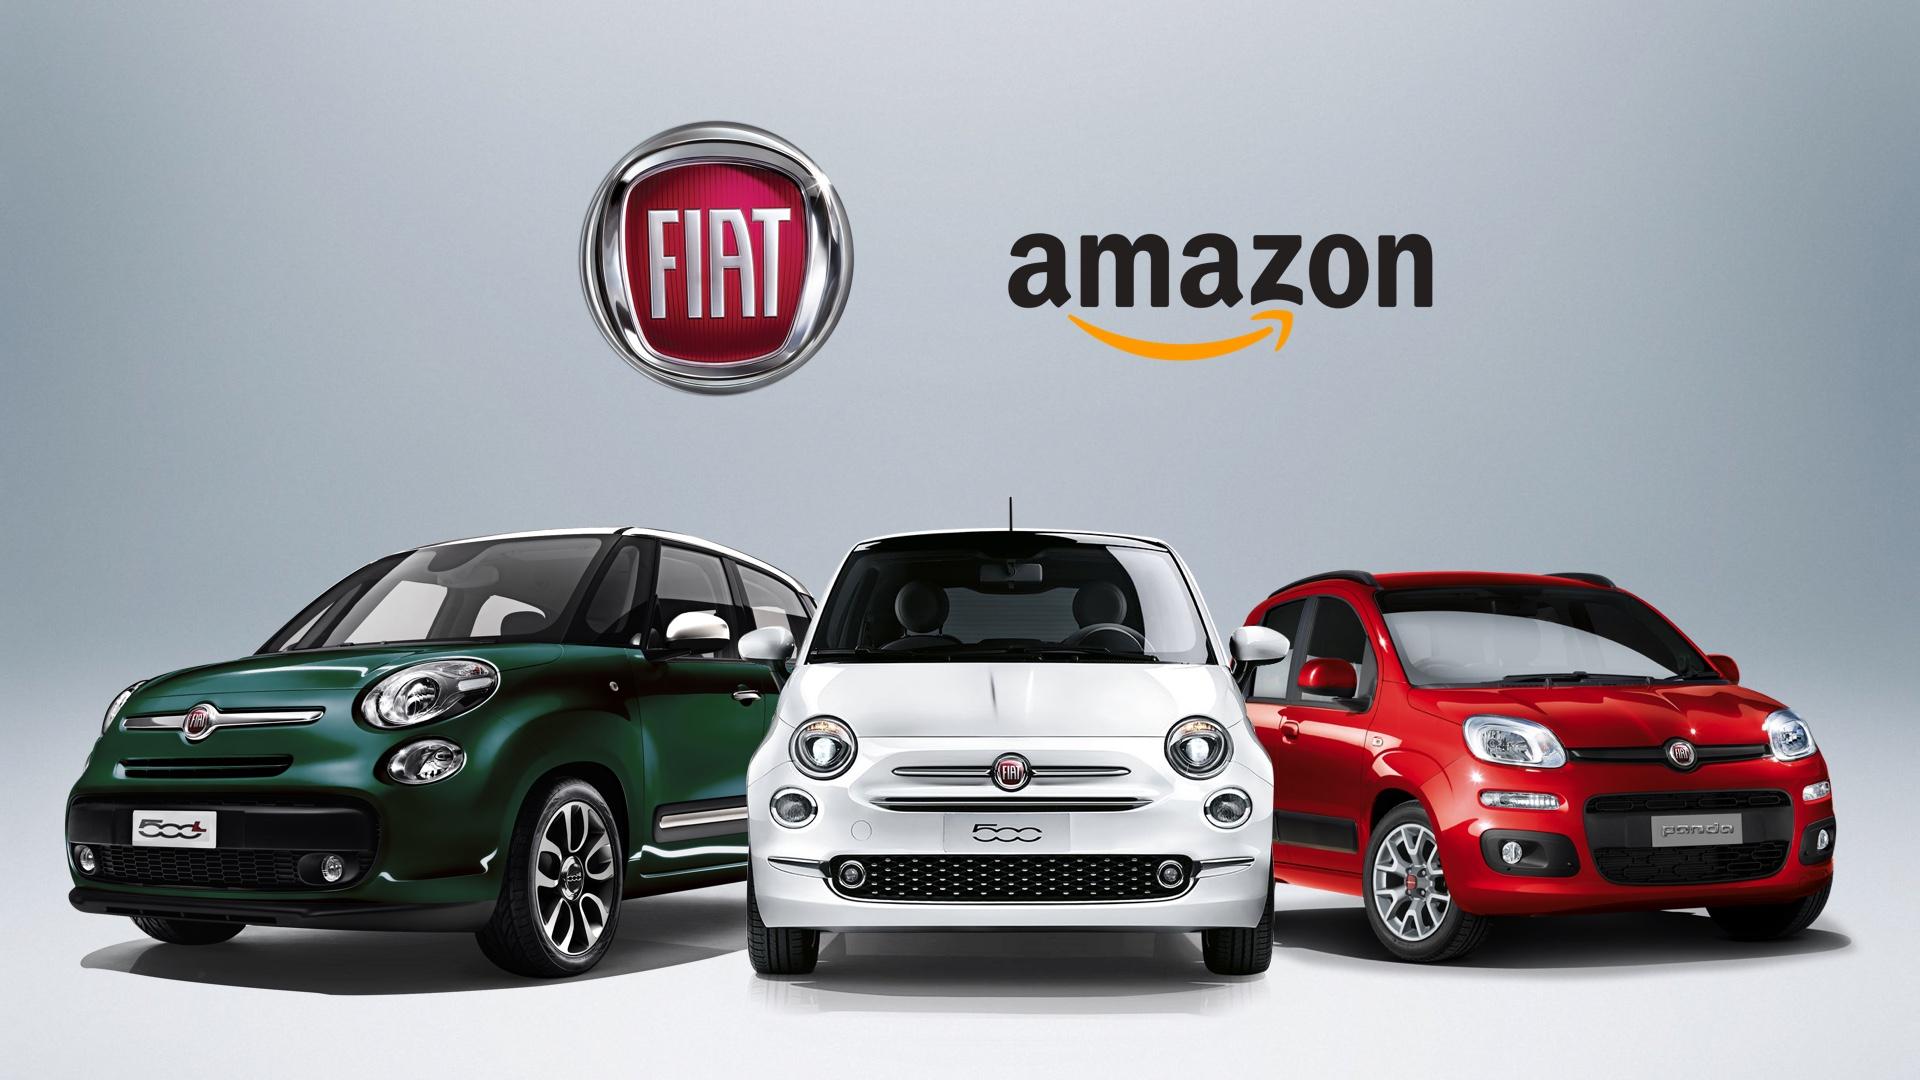 La Fiat 500 si compra su Amazon - Data Manager Online